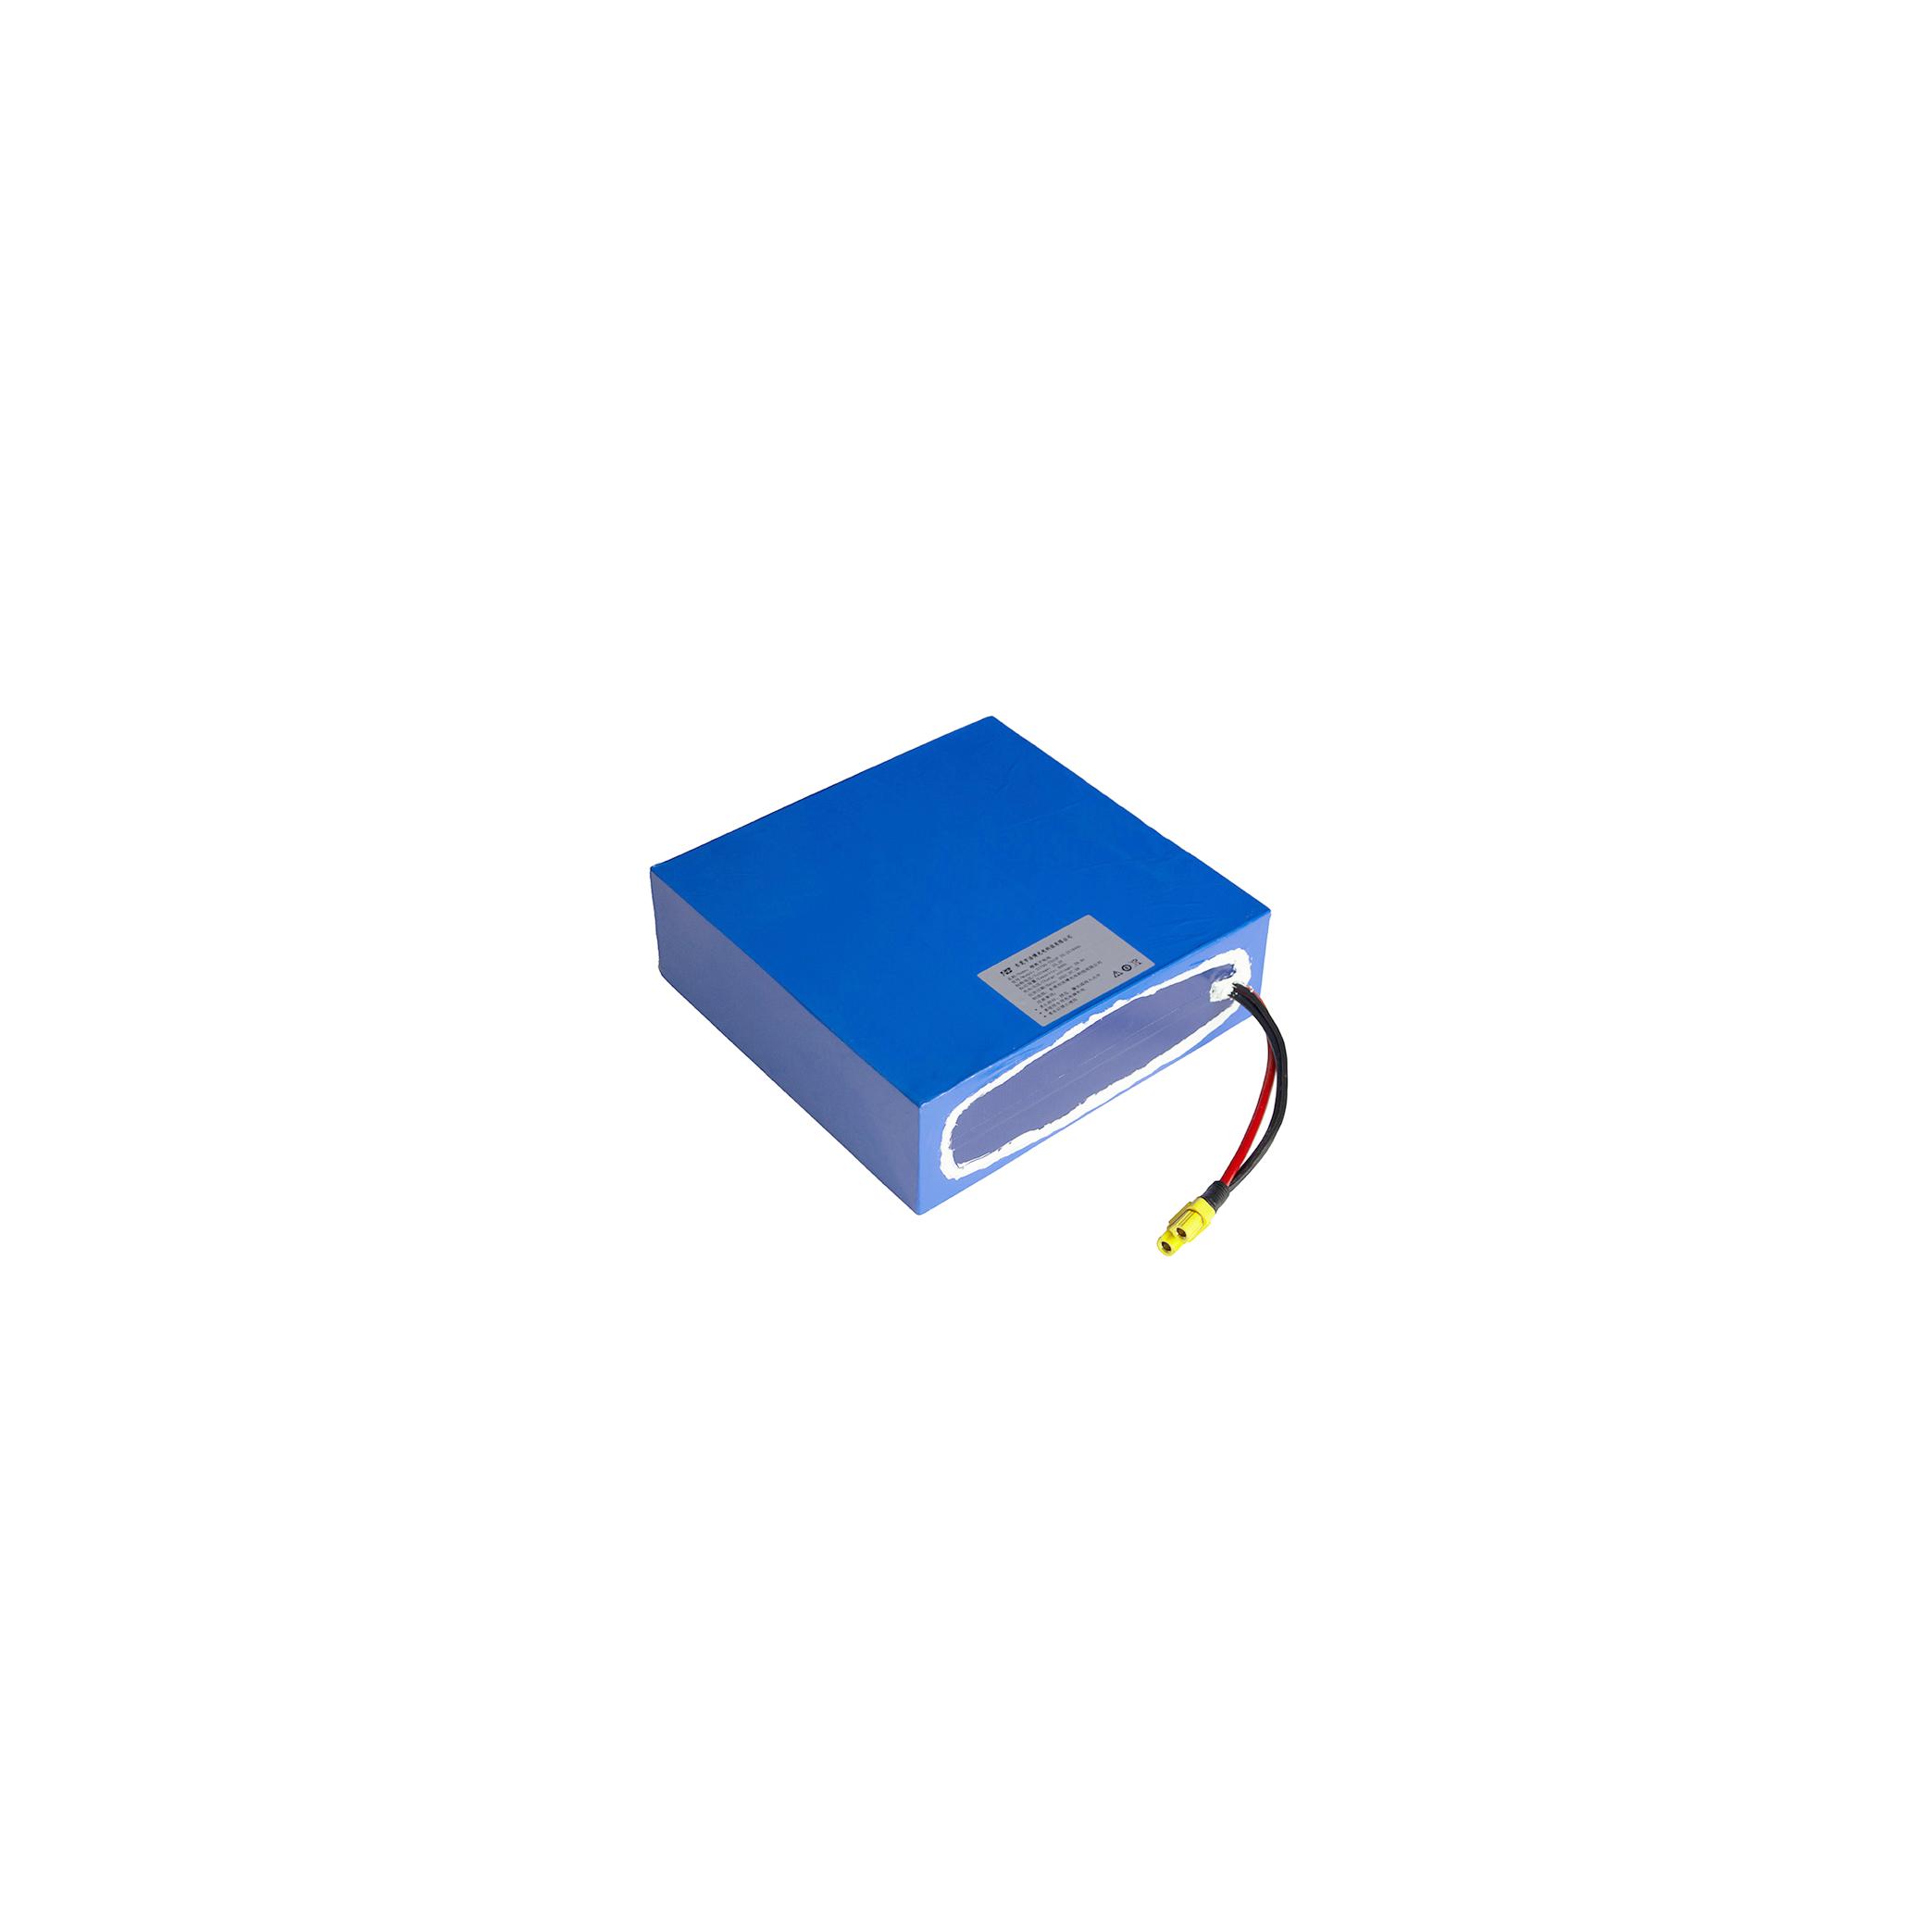 浩博21700低温锂电池25.2V84Ah可定制-40摄氏度特种电源生产厂家